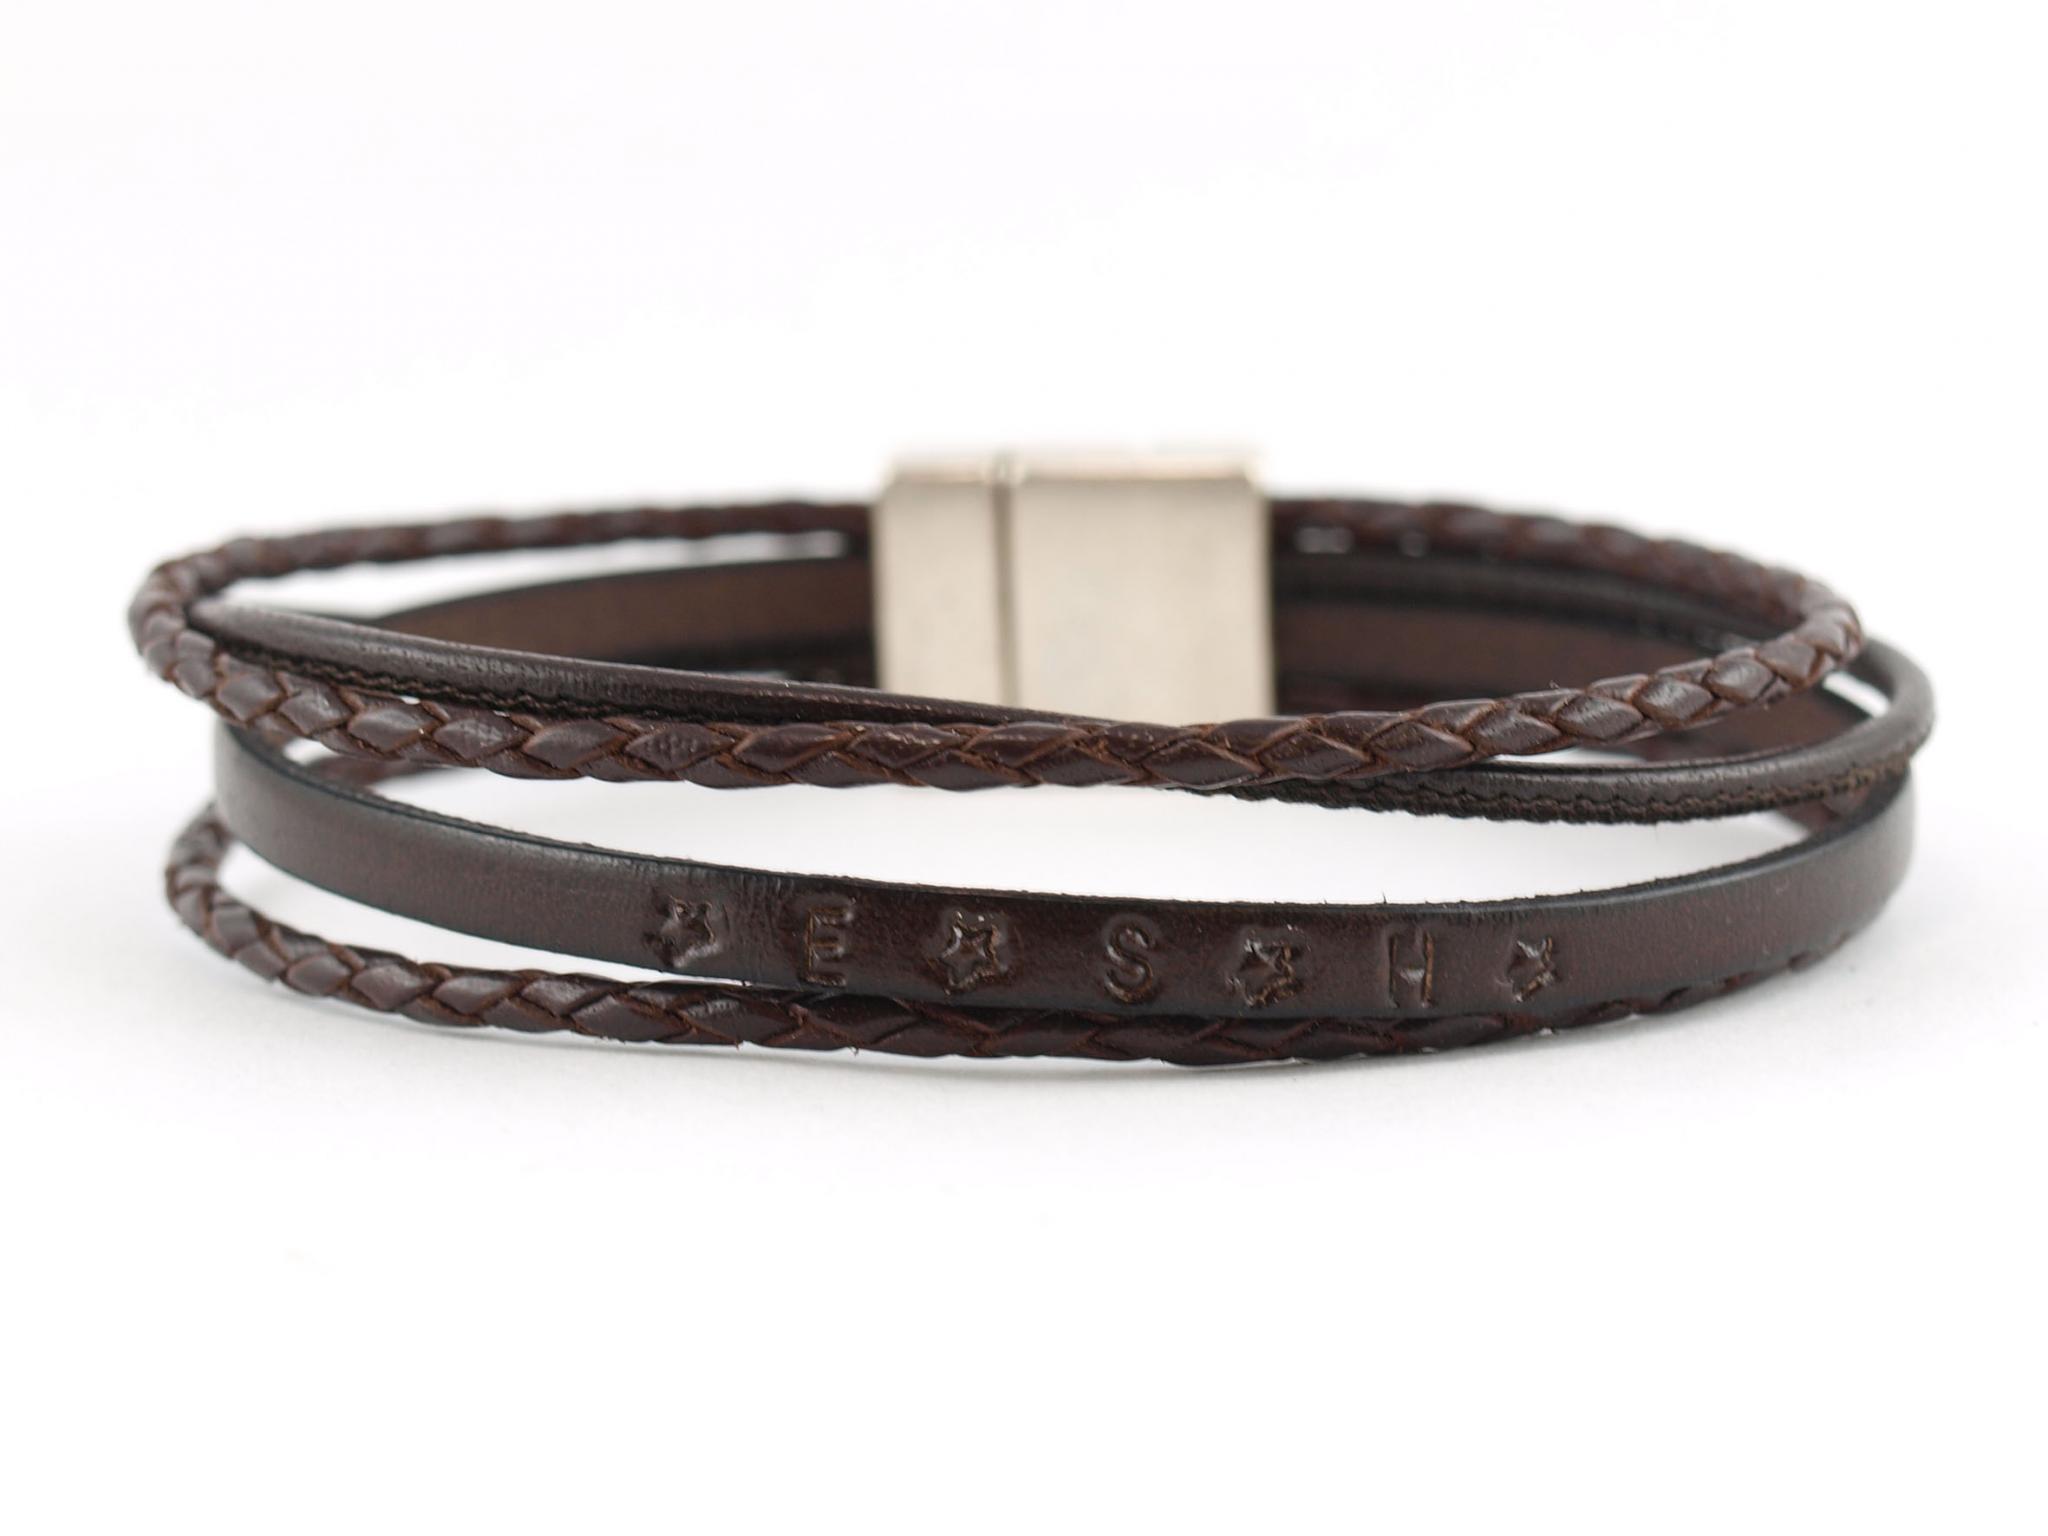 Flo Herrenarmband aus Leder mit Wunschtext dunkelbraun